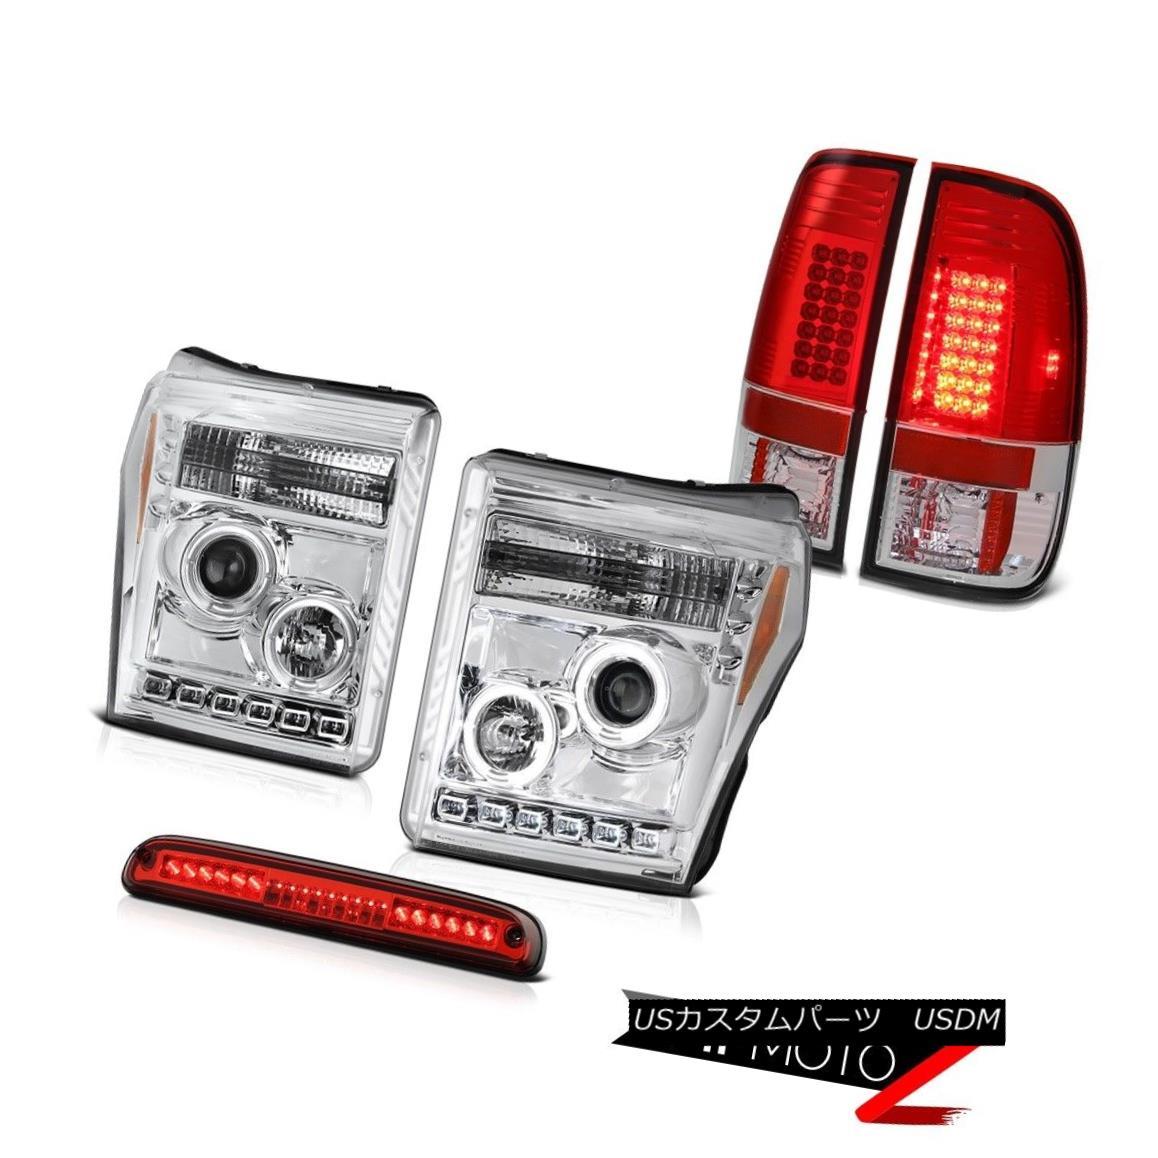 ヘッドライト 11-16 F350 Lariat Third Brake Light Taillamps Clear Chrome Headlights Dual Halo 11-16 F350 Lariat第3ブレーキライトタイルランプクリアクロームヘッドライトデュアルヘイロー